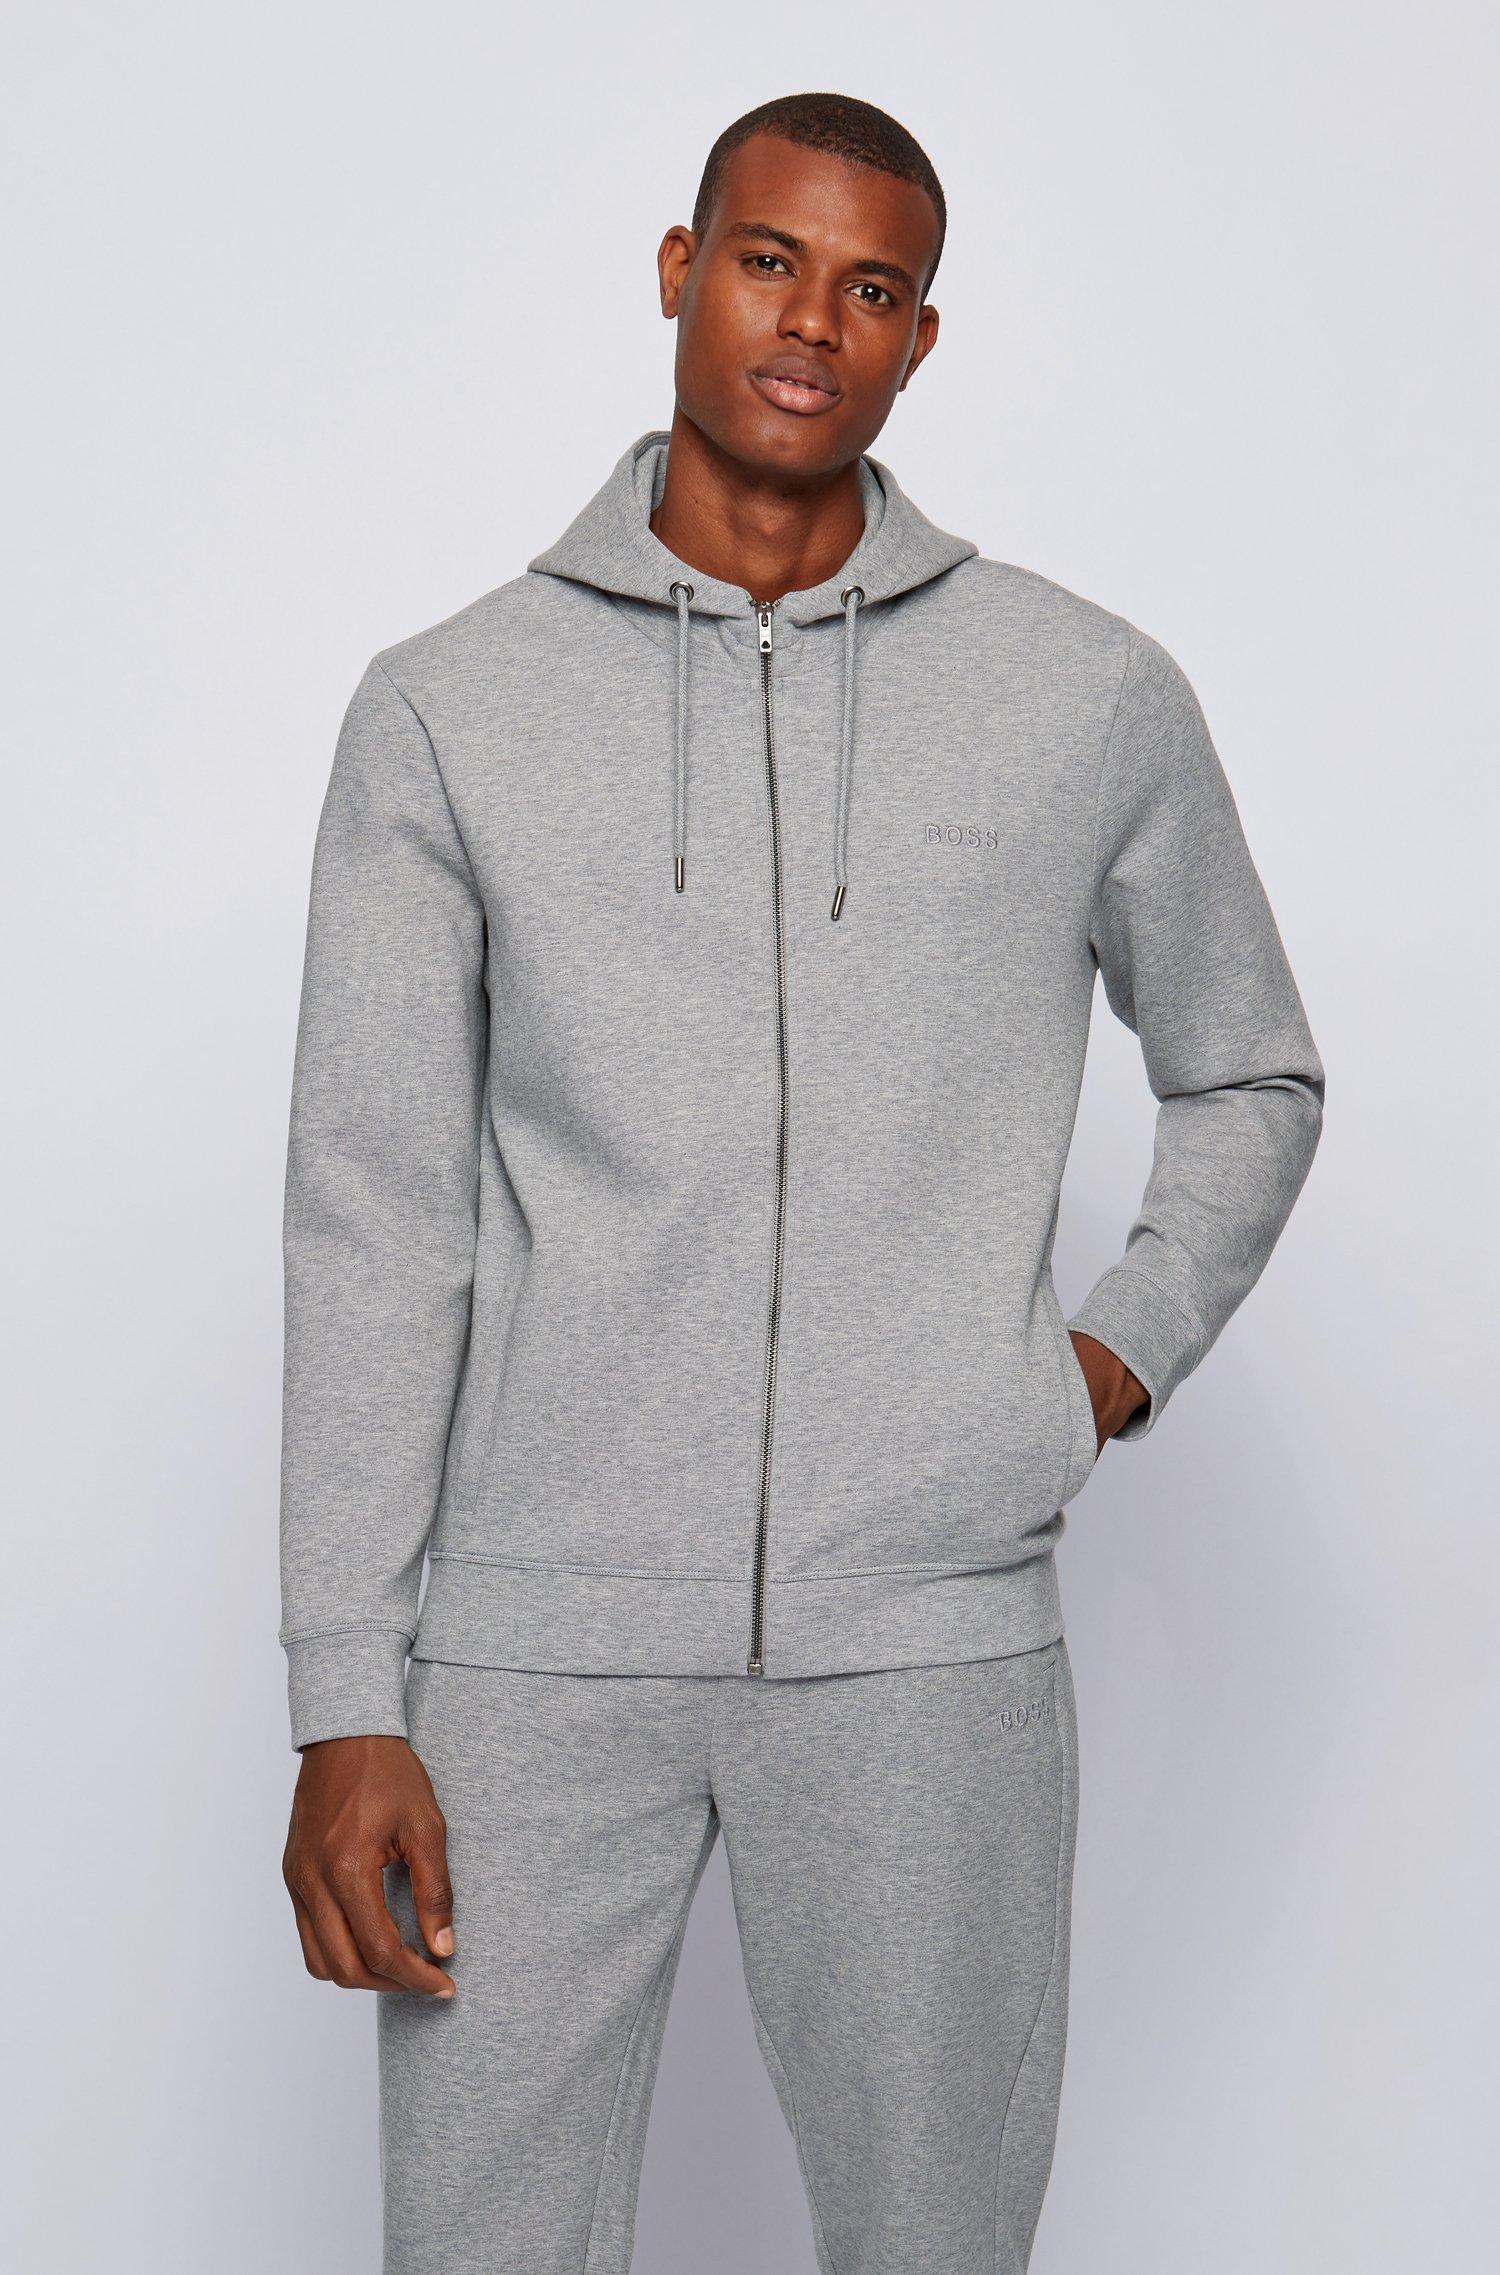 Veste en jersey interlock de coton mélangé, avec logo brodé, Gris